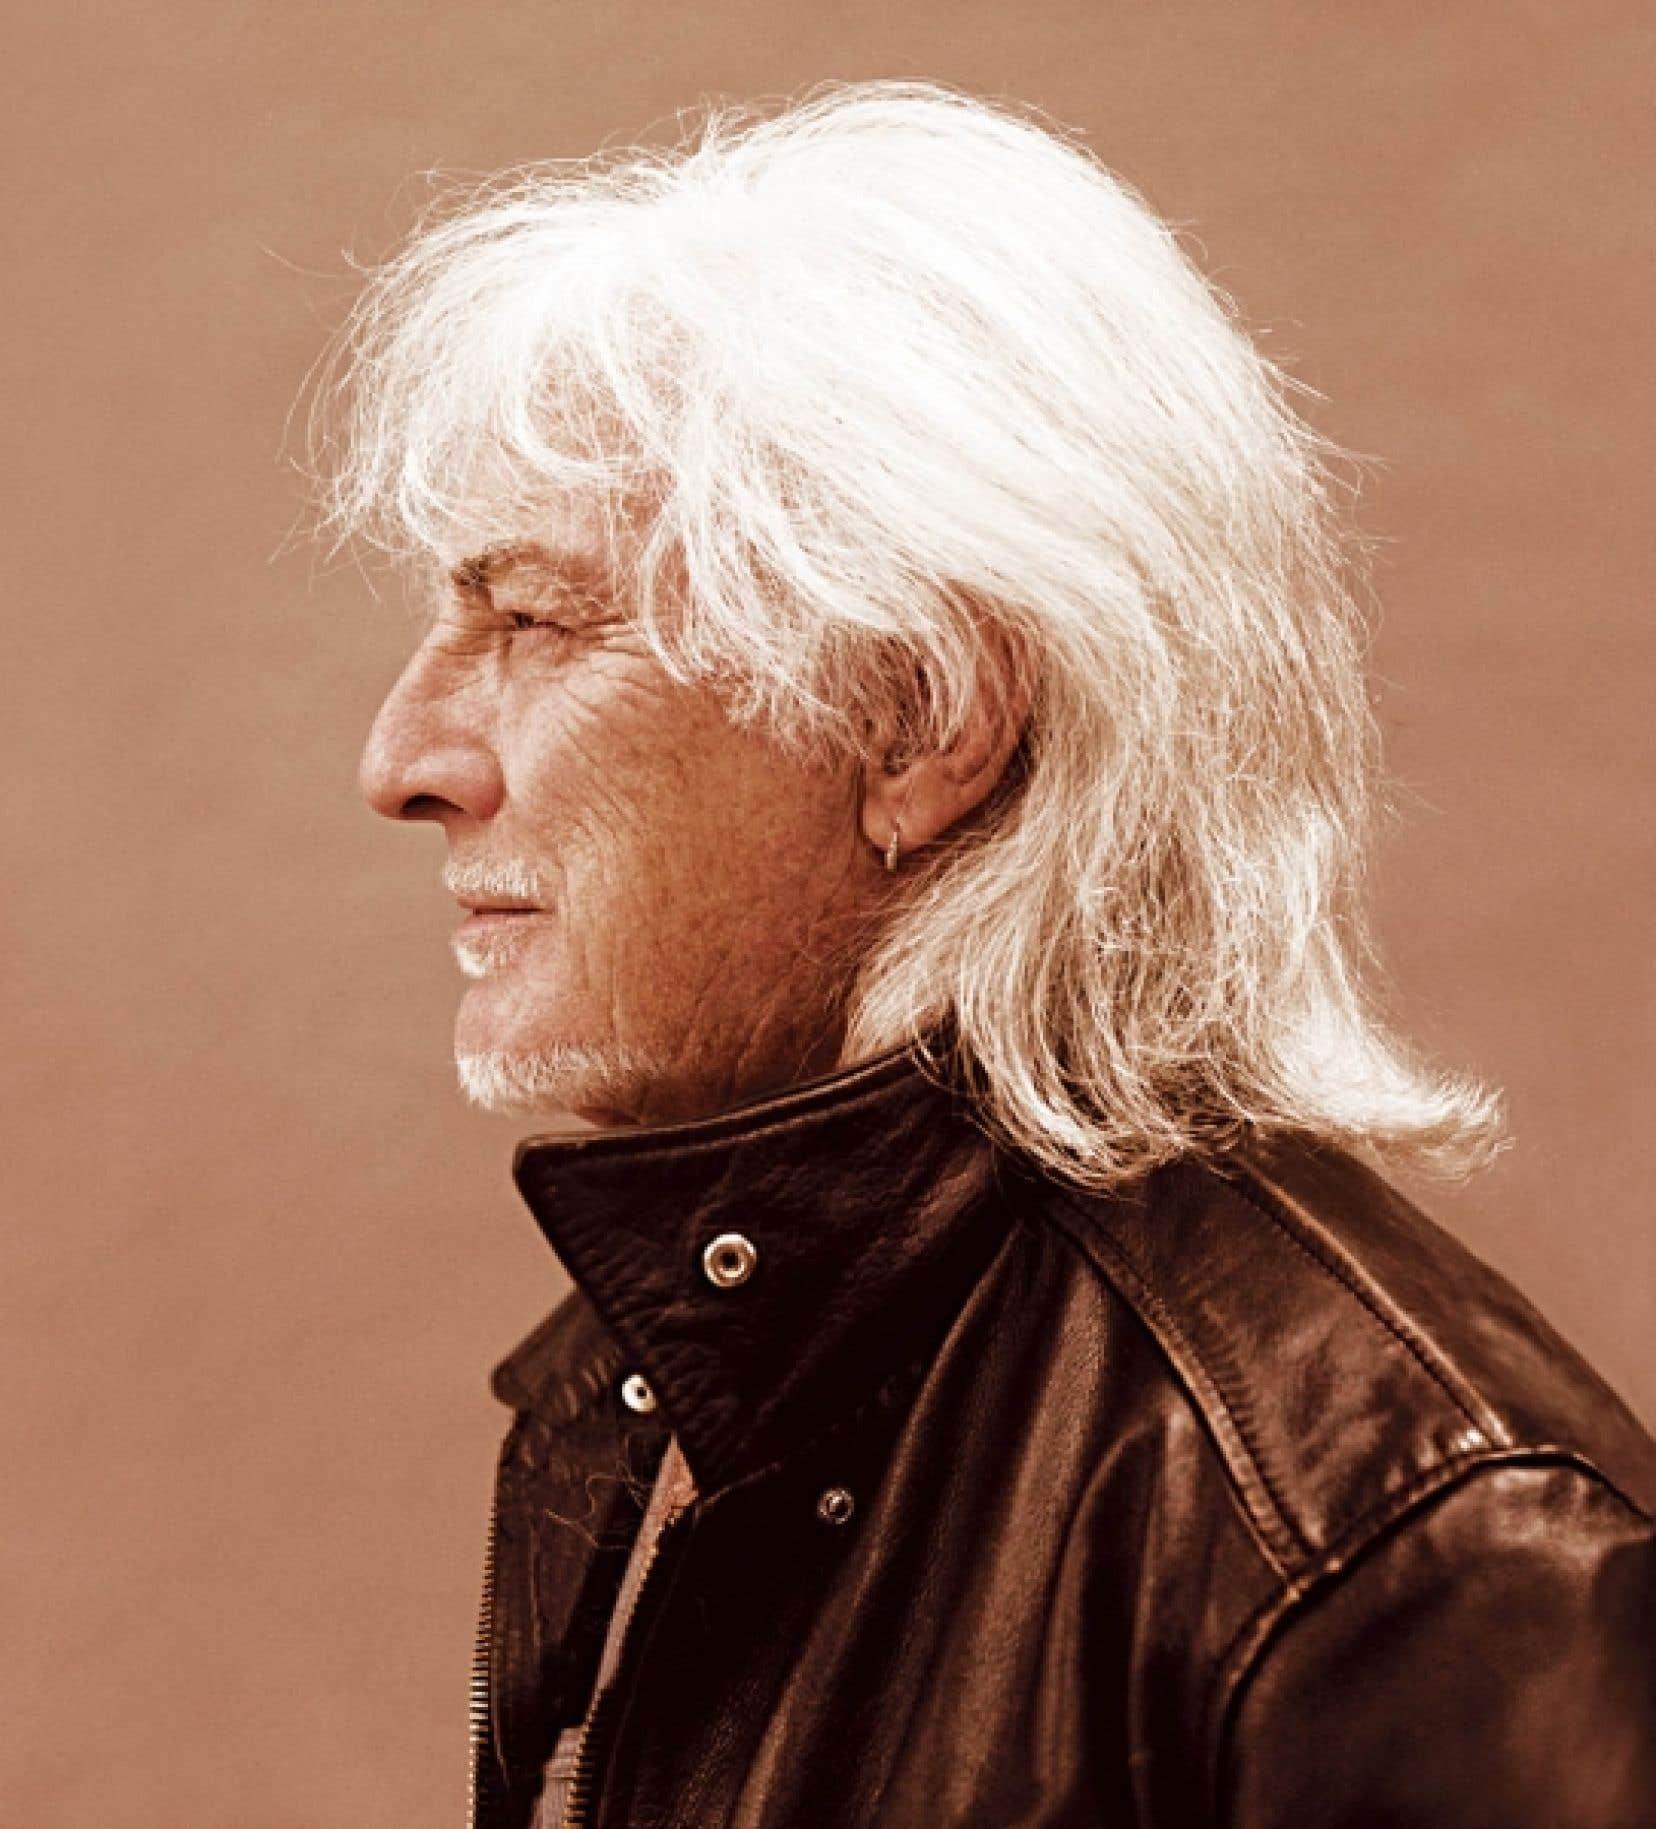 Le chanteur Hugues Aufray version Buffalo Bill à 82 ans, vu par  le photographe et réalisateur Jean-Baptiste Mondino.